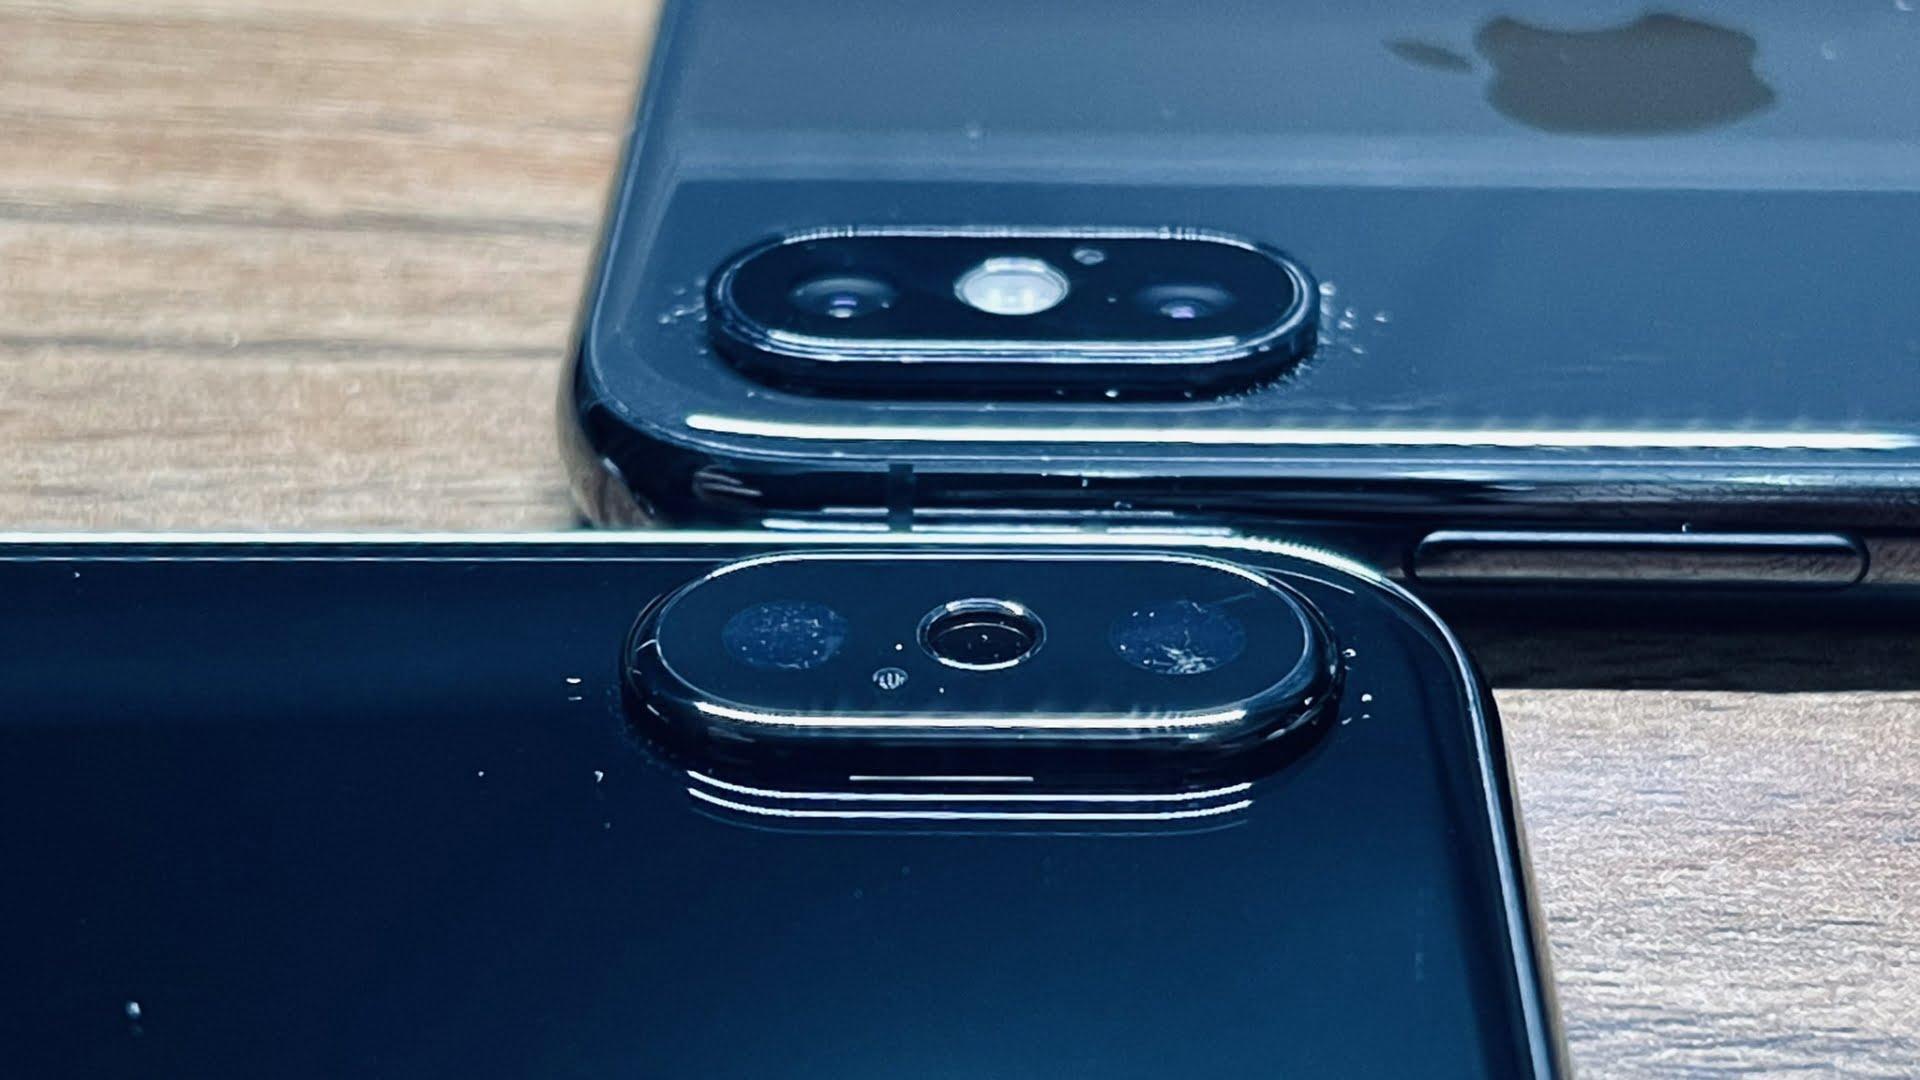 Zdjęcia przedstawiające prototyp iPhone'a X w kolorze Jet Black